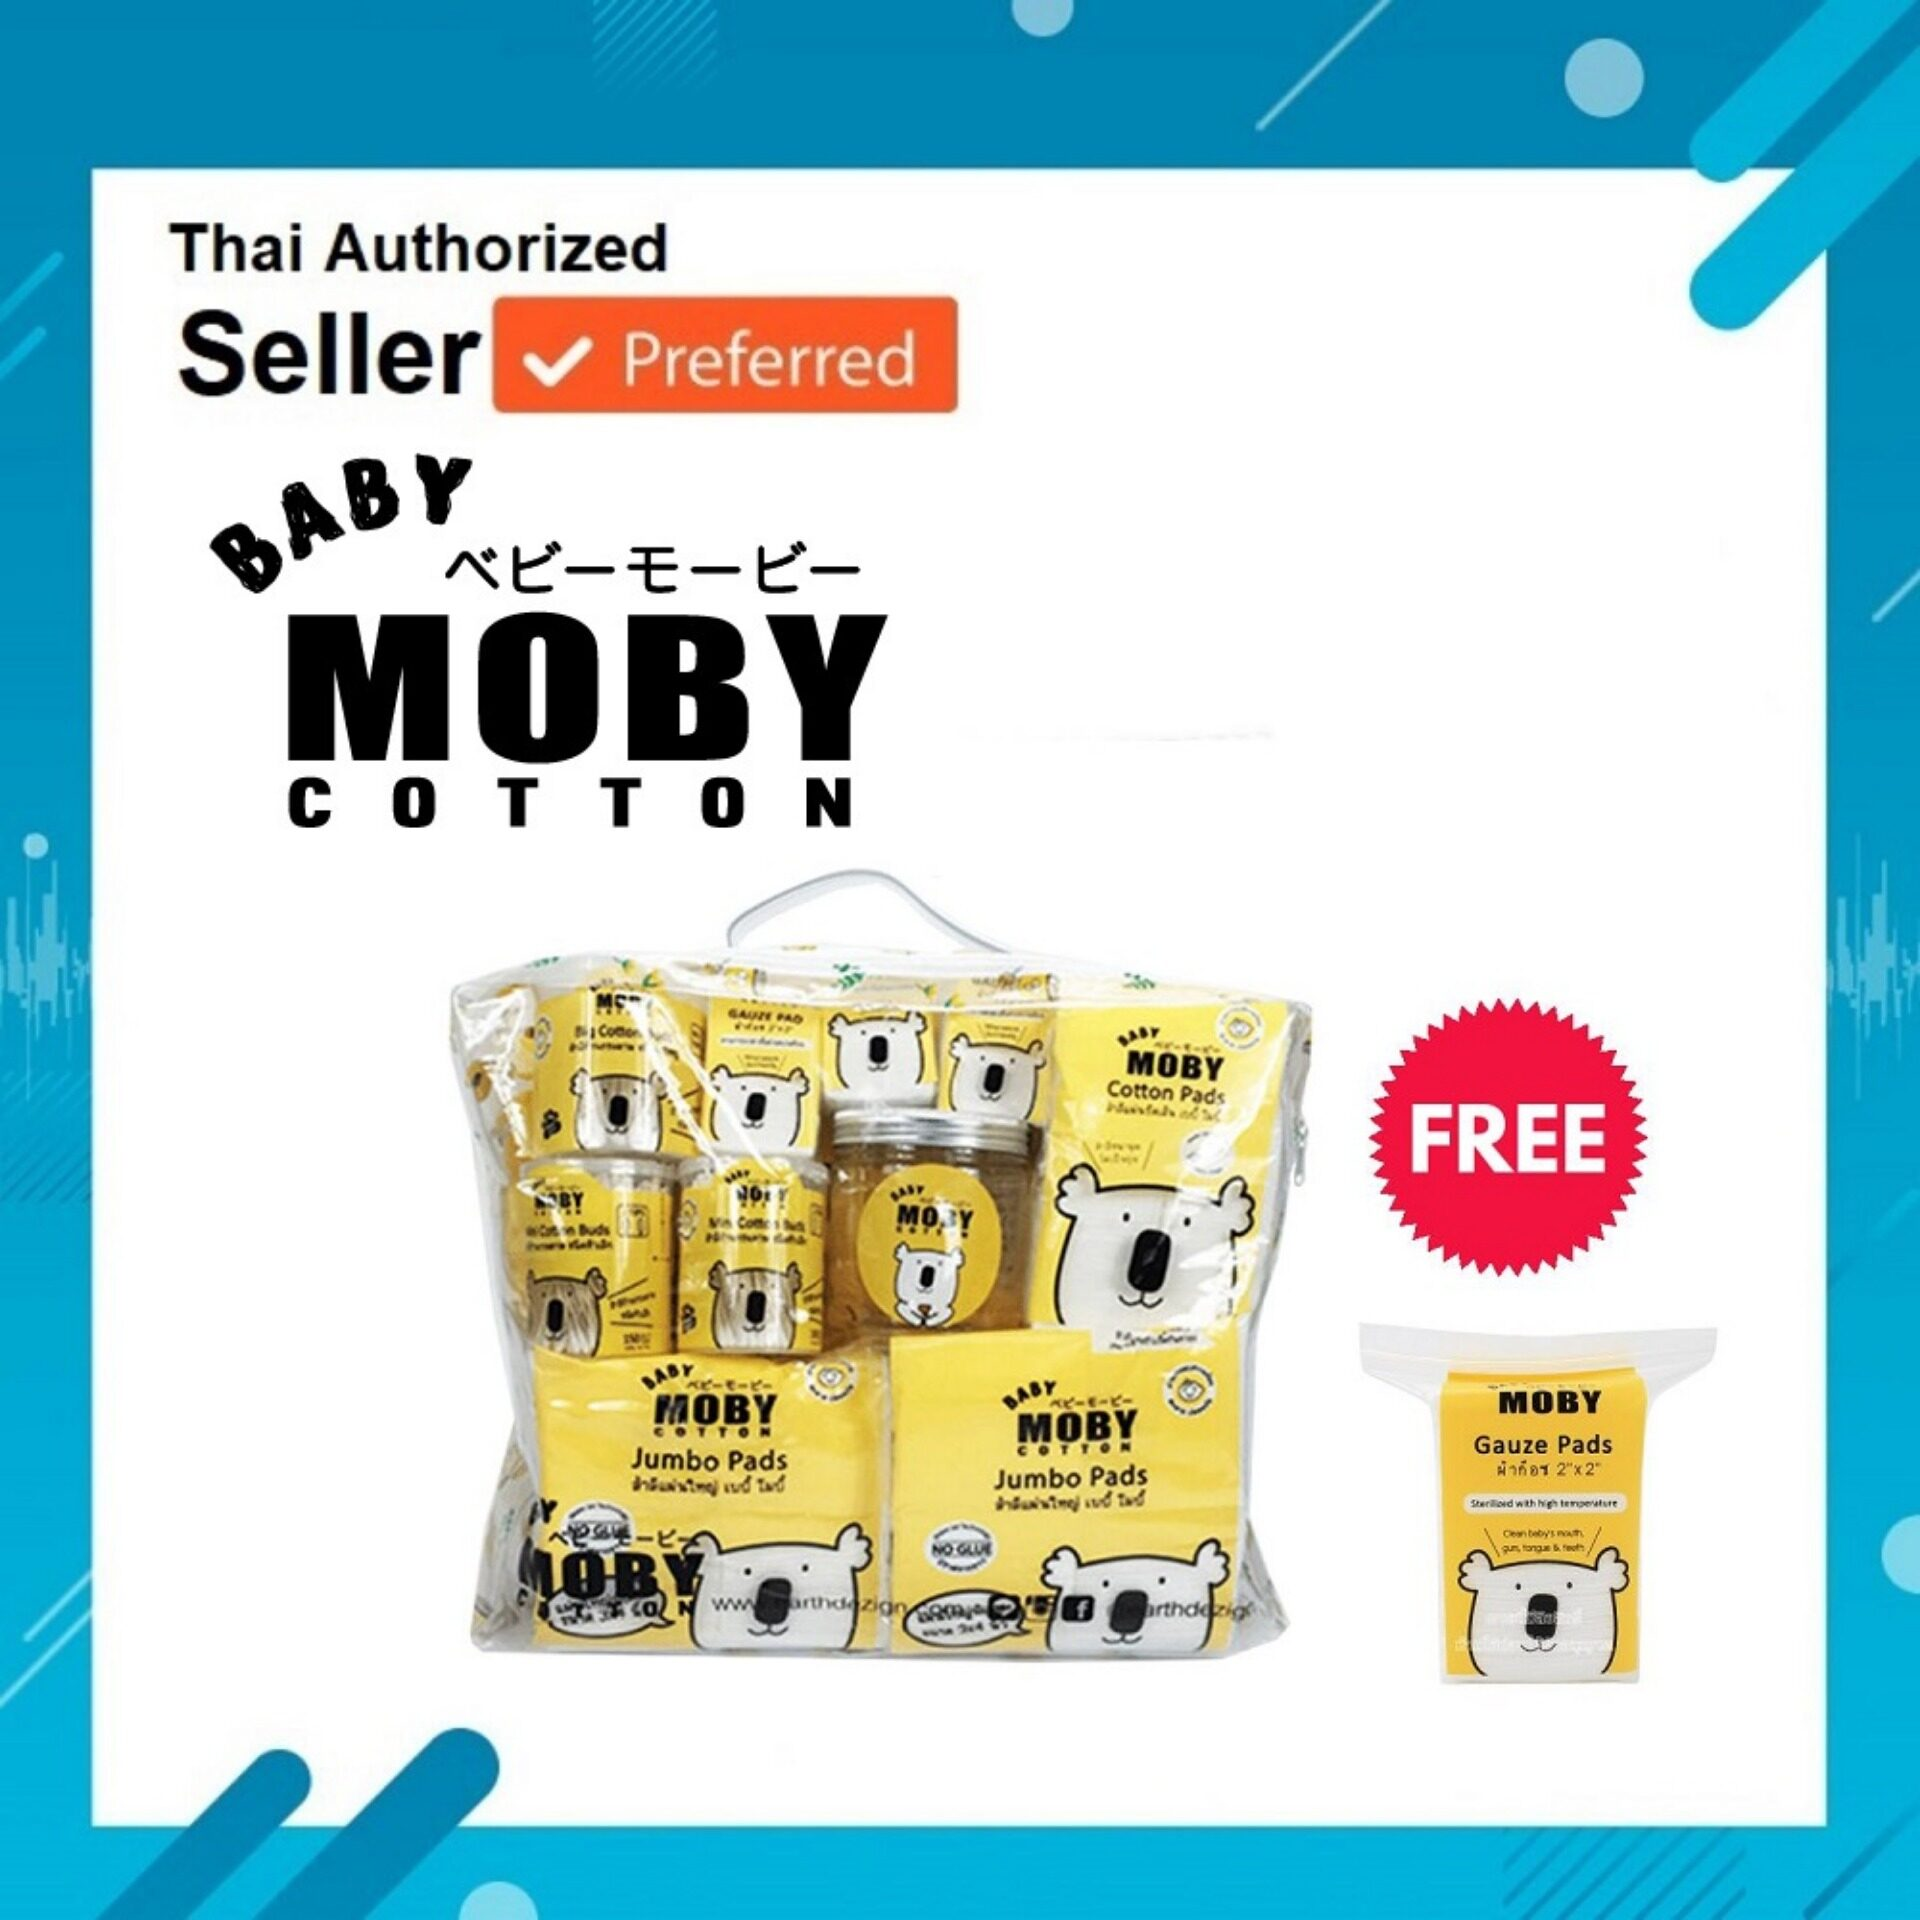 ซื้อที่ไหน Baby Moby ชุดกระเป๋าคุณลูก เซตกระเป๋าสำลีสำหรับคุณแม่มือใหม่ ผลิตภัณฑ์ทำความสะอาดลูกน้อยครบครัน(Newborn Essentials Gift Bag) / 100% แท้